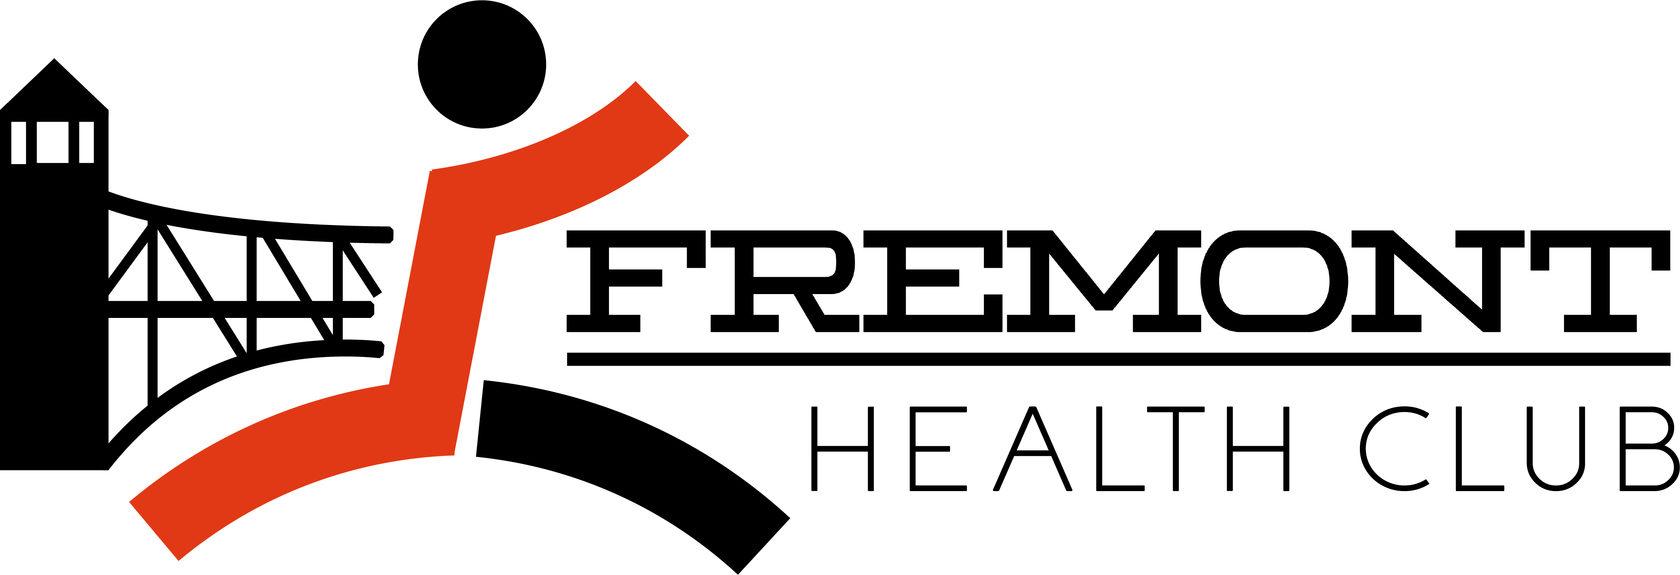 Fremont Health Club